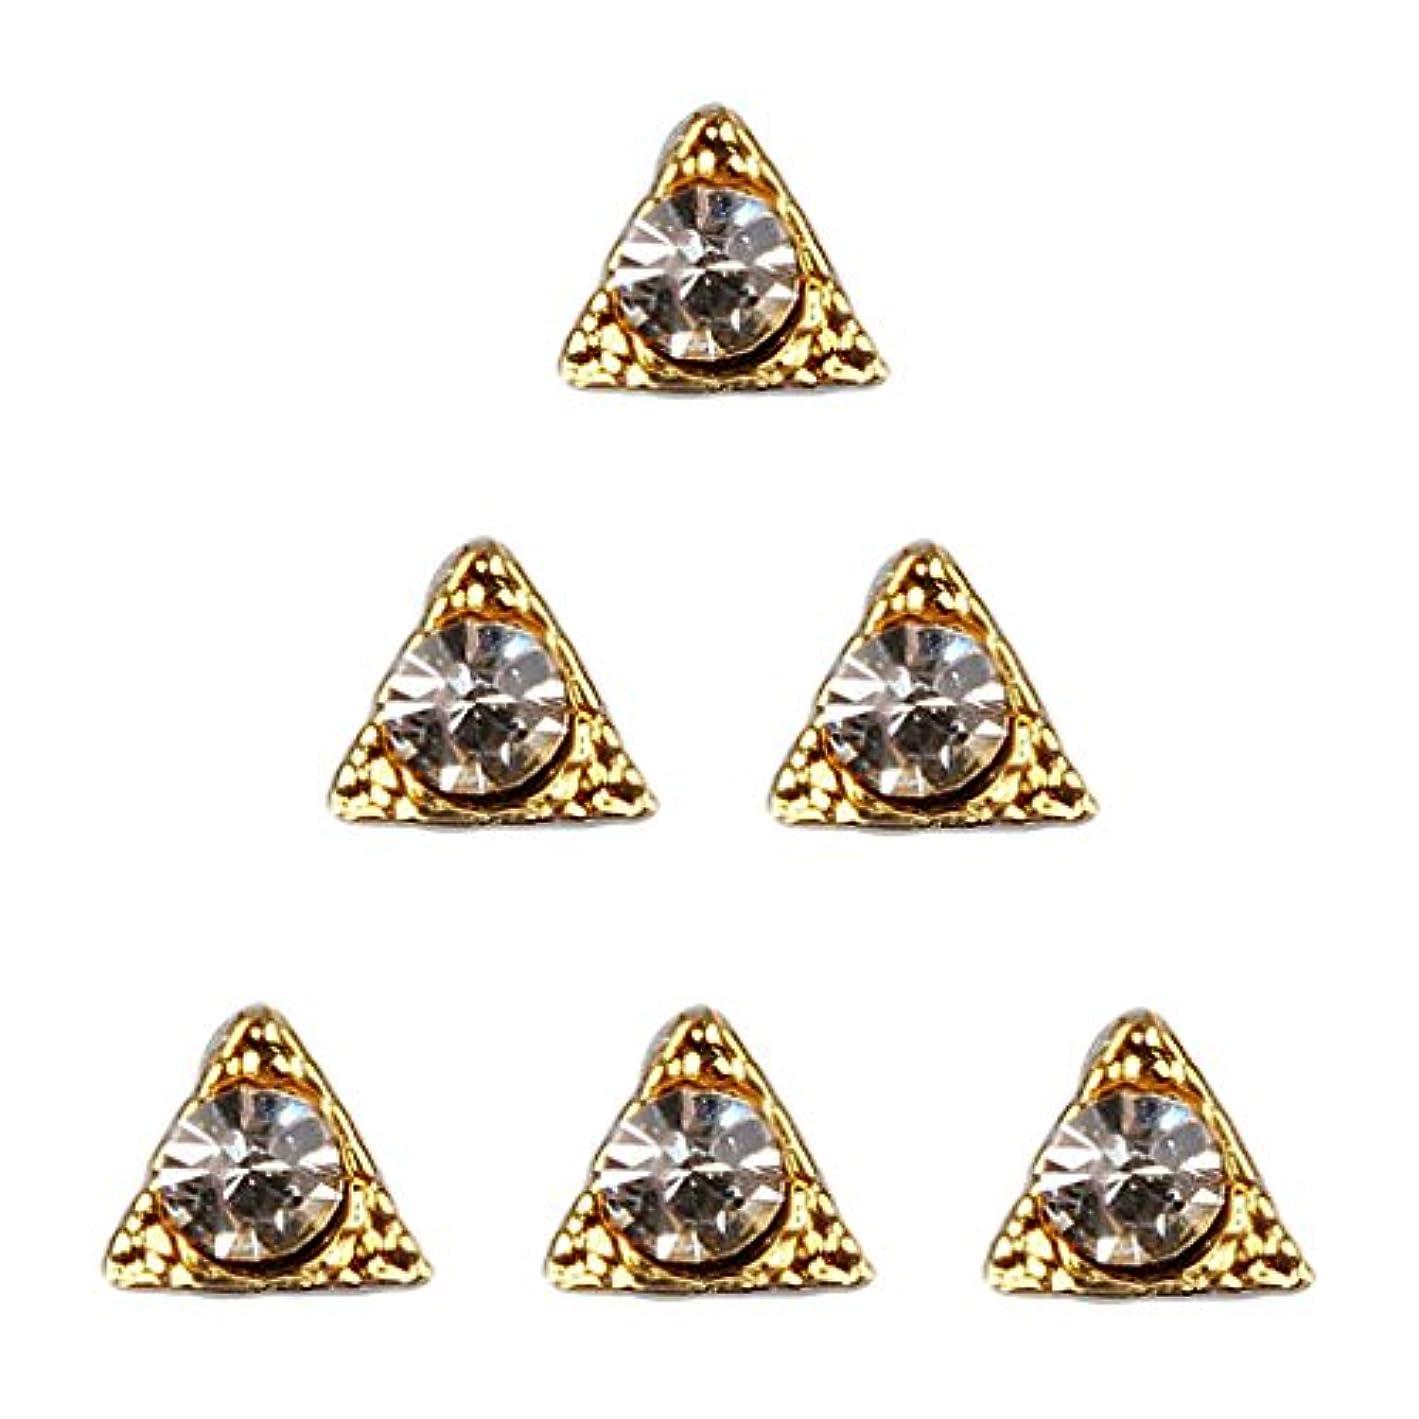 病マチュピチュ仲間全8種類 マニキュア ネイルデザイン ダイヤモンド 3Dネイルアート ヒントステッカー 50個入り - 7